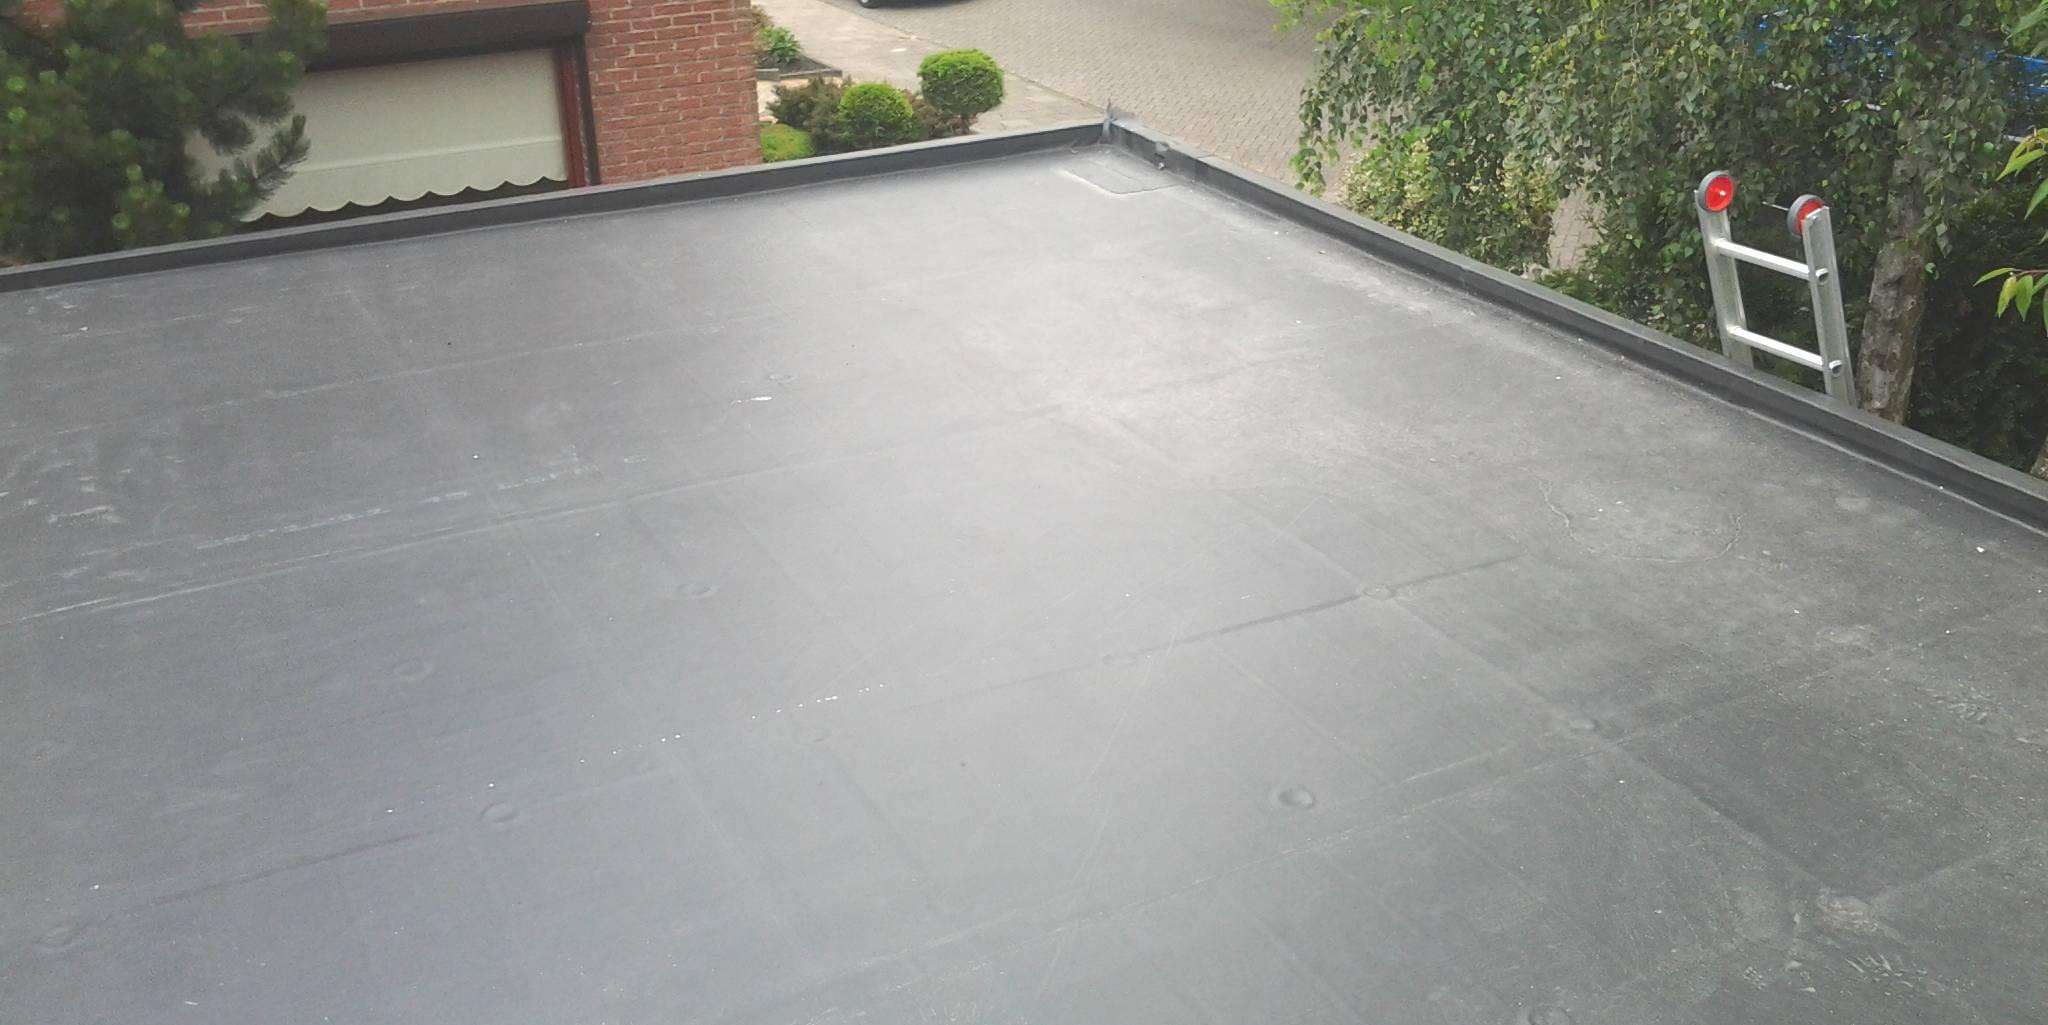 dakbedekking plat dak renoveren